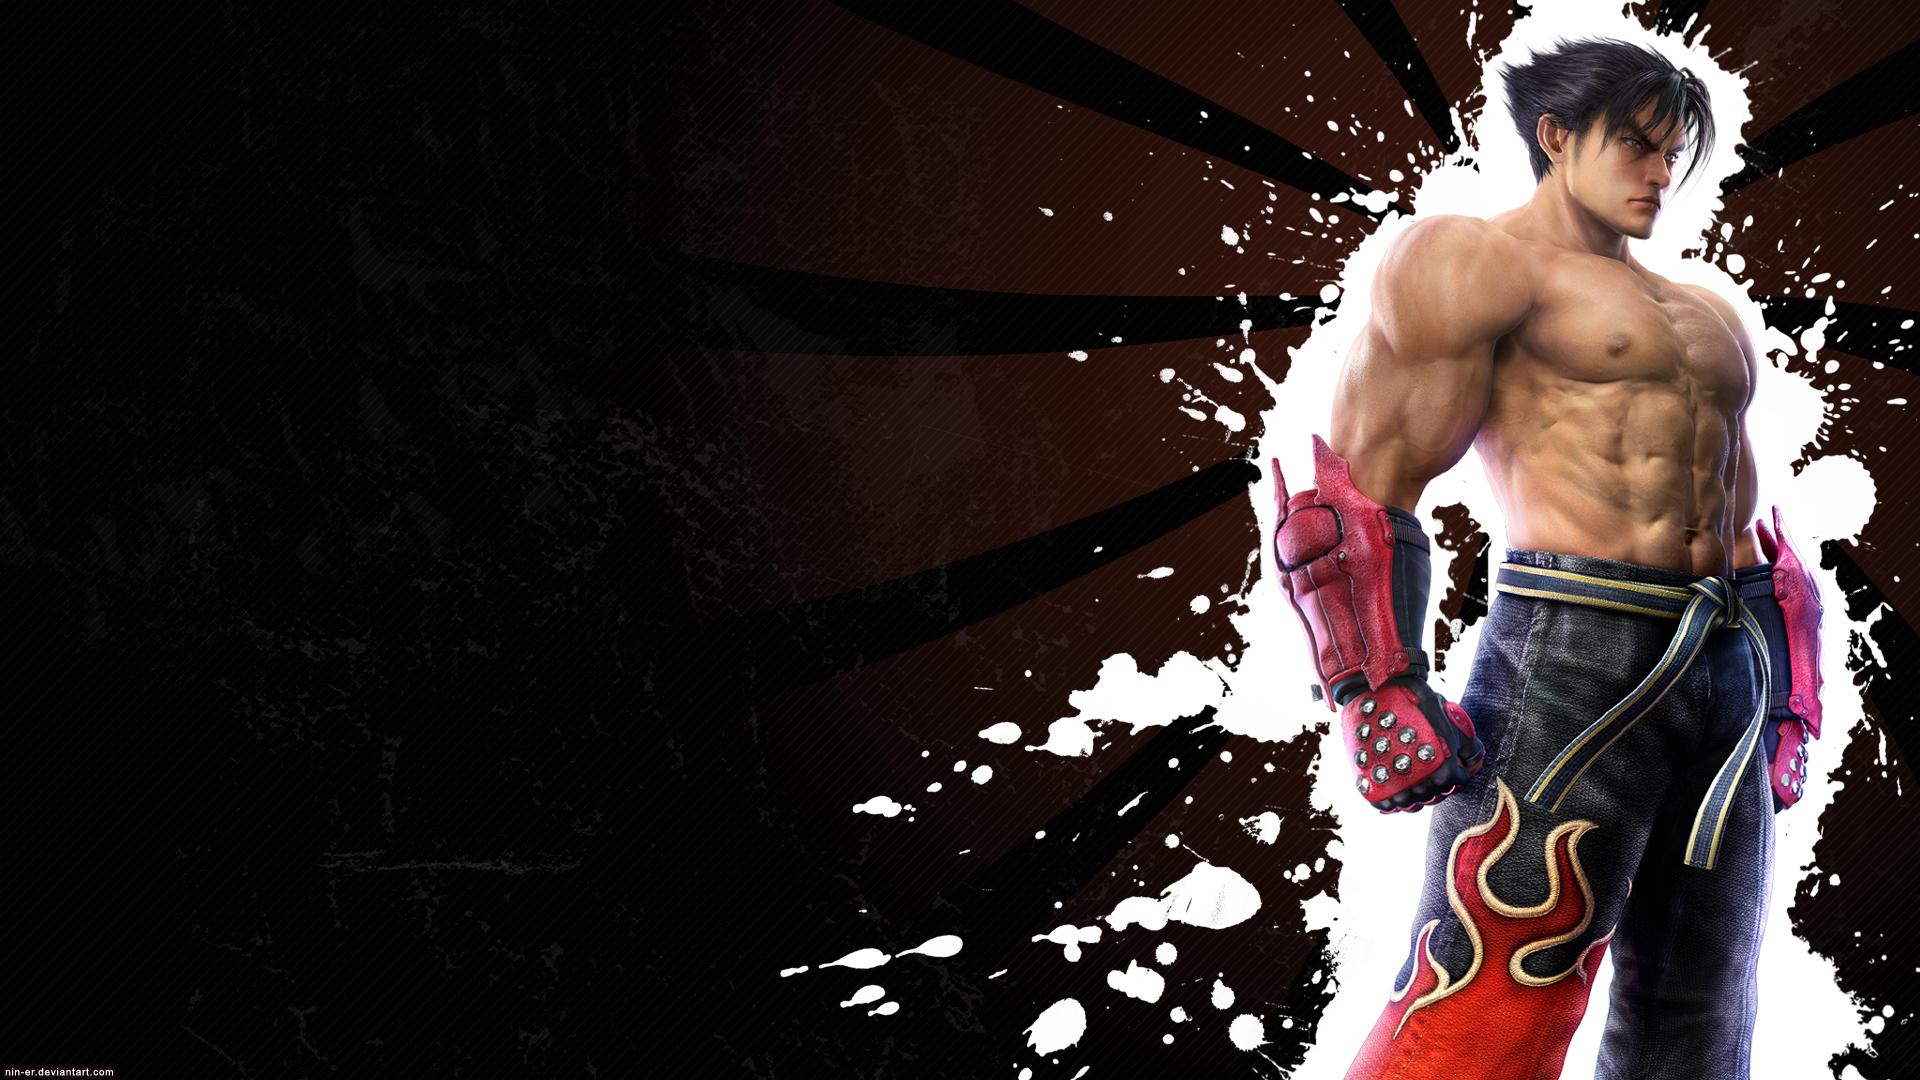 Tekken 6 Wallpaper Jin 1920x1080